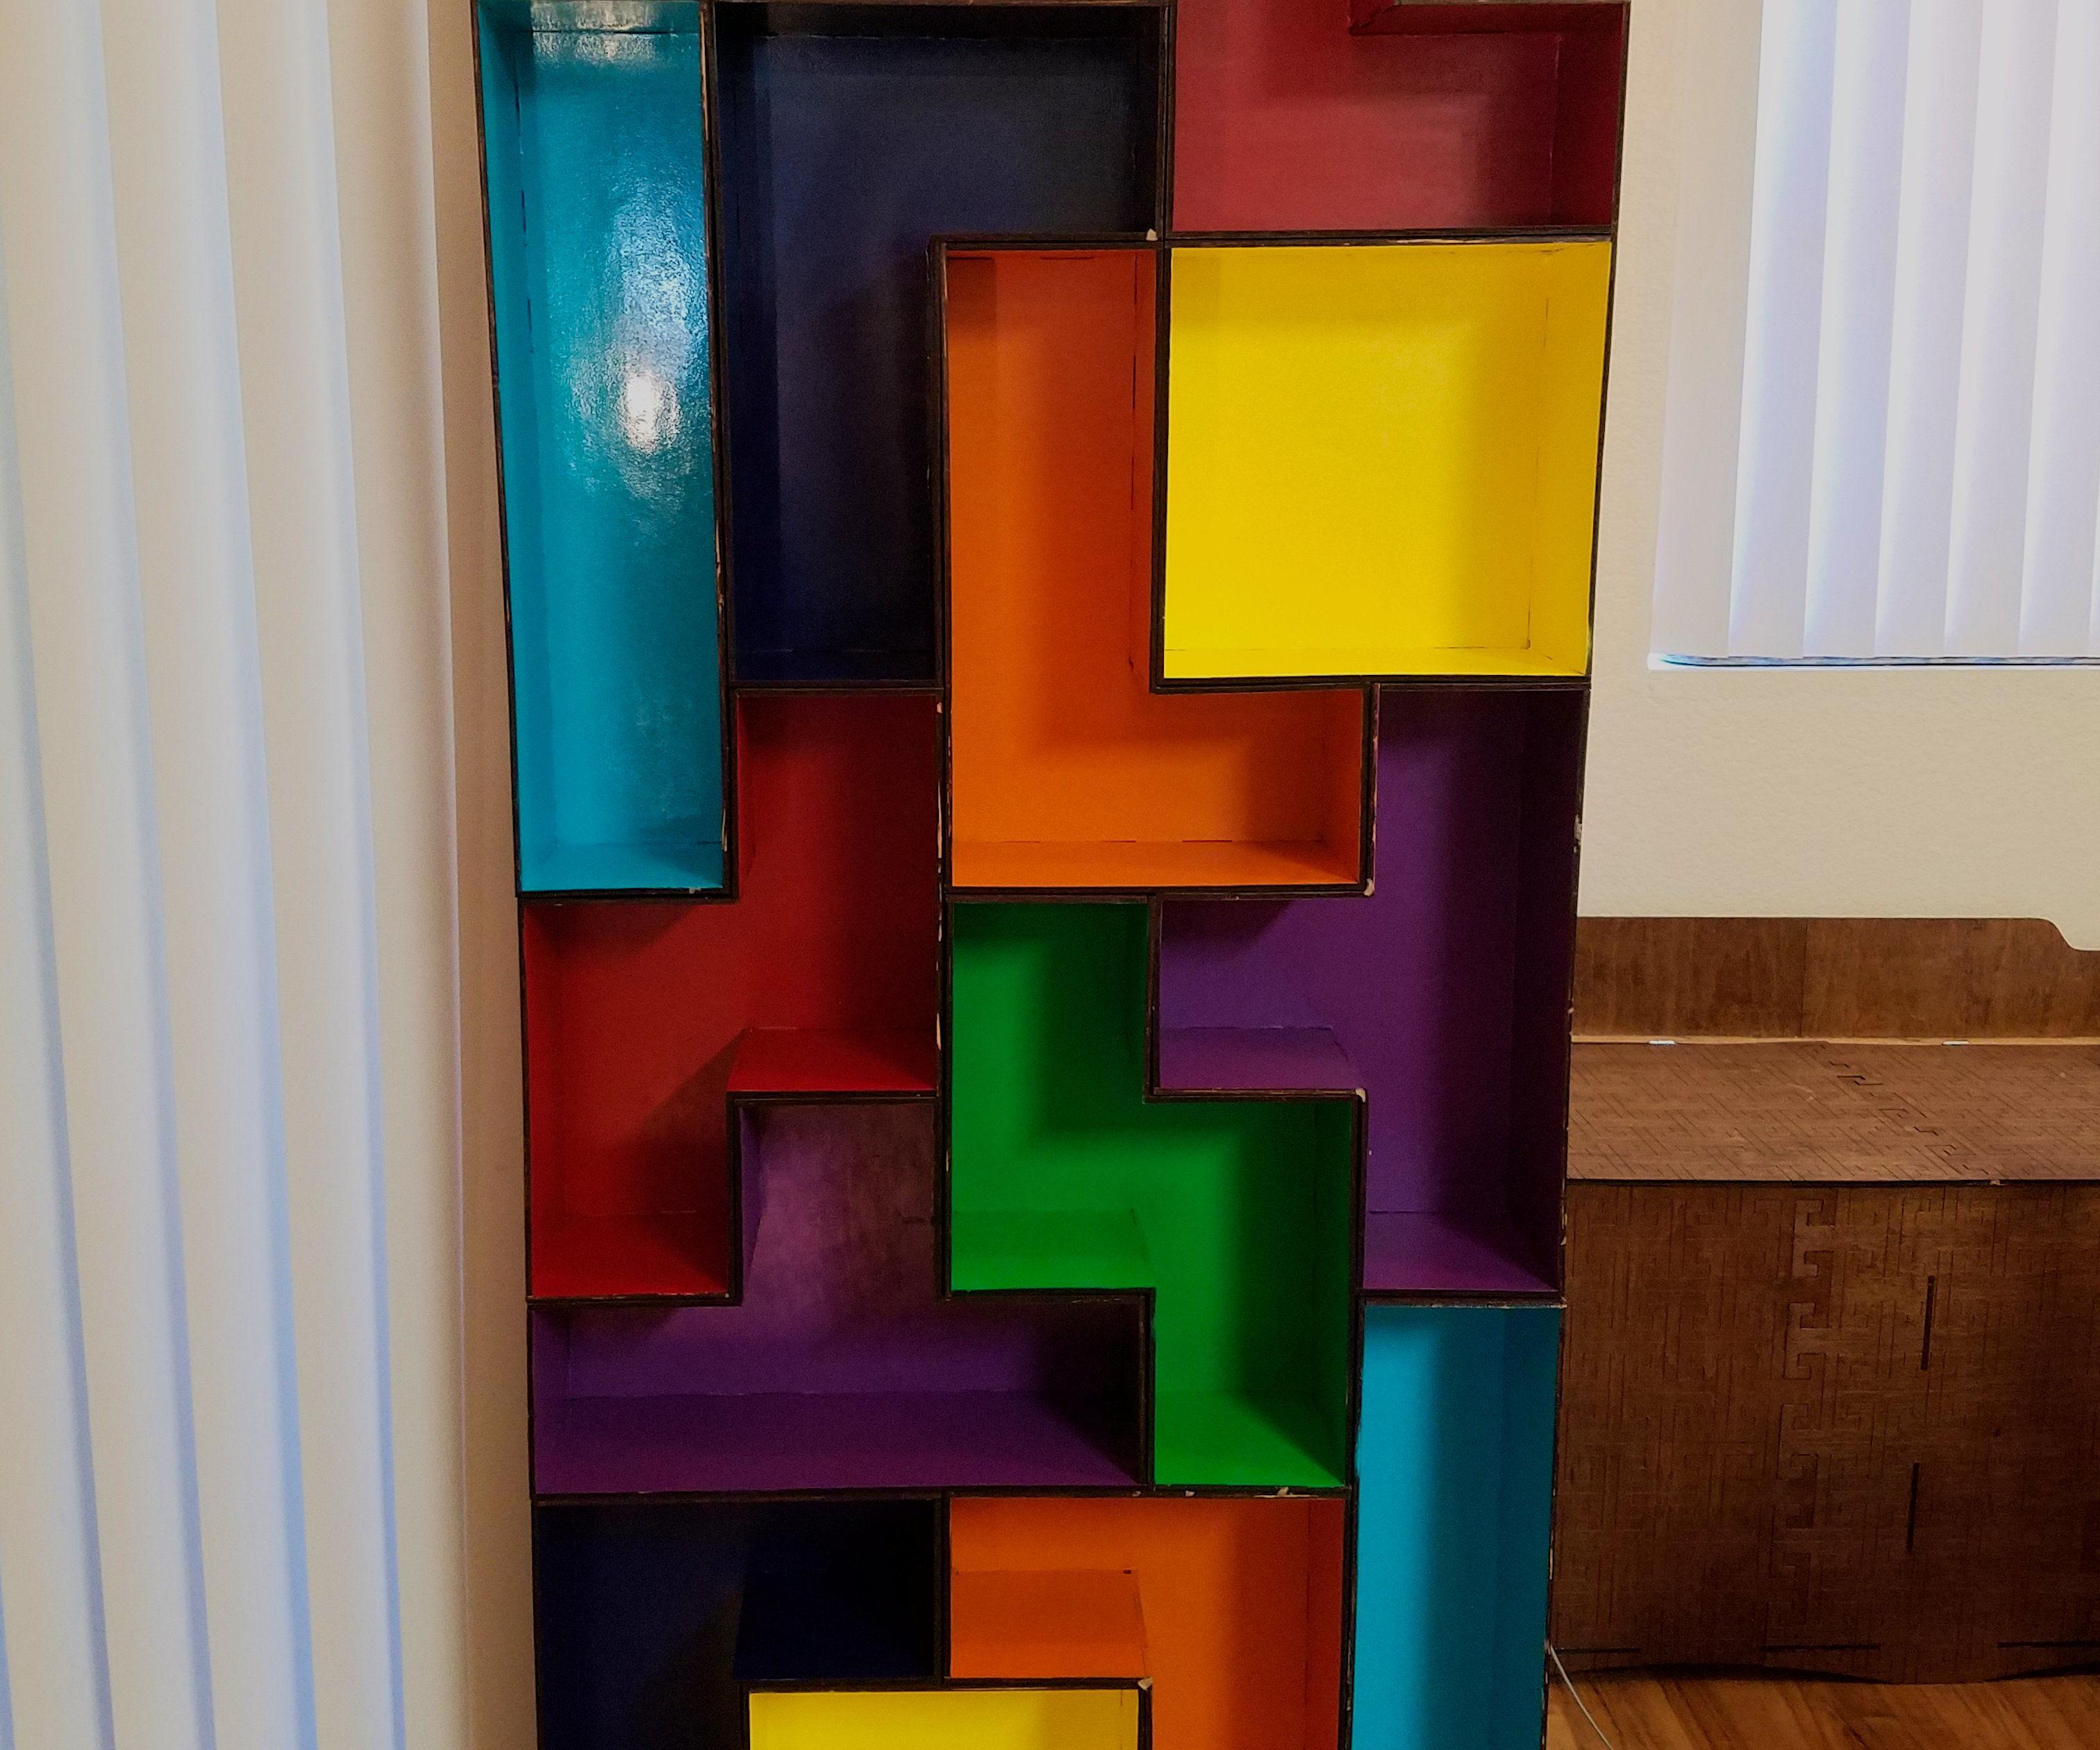 Modular Laser Cut Tetris Shelves